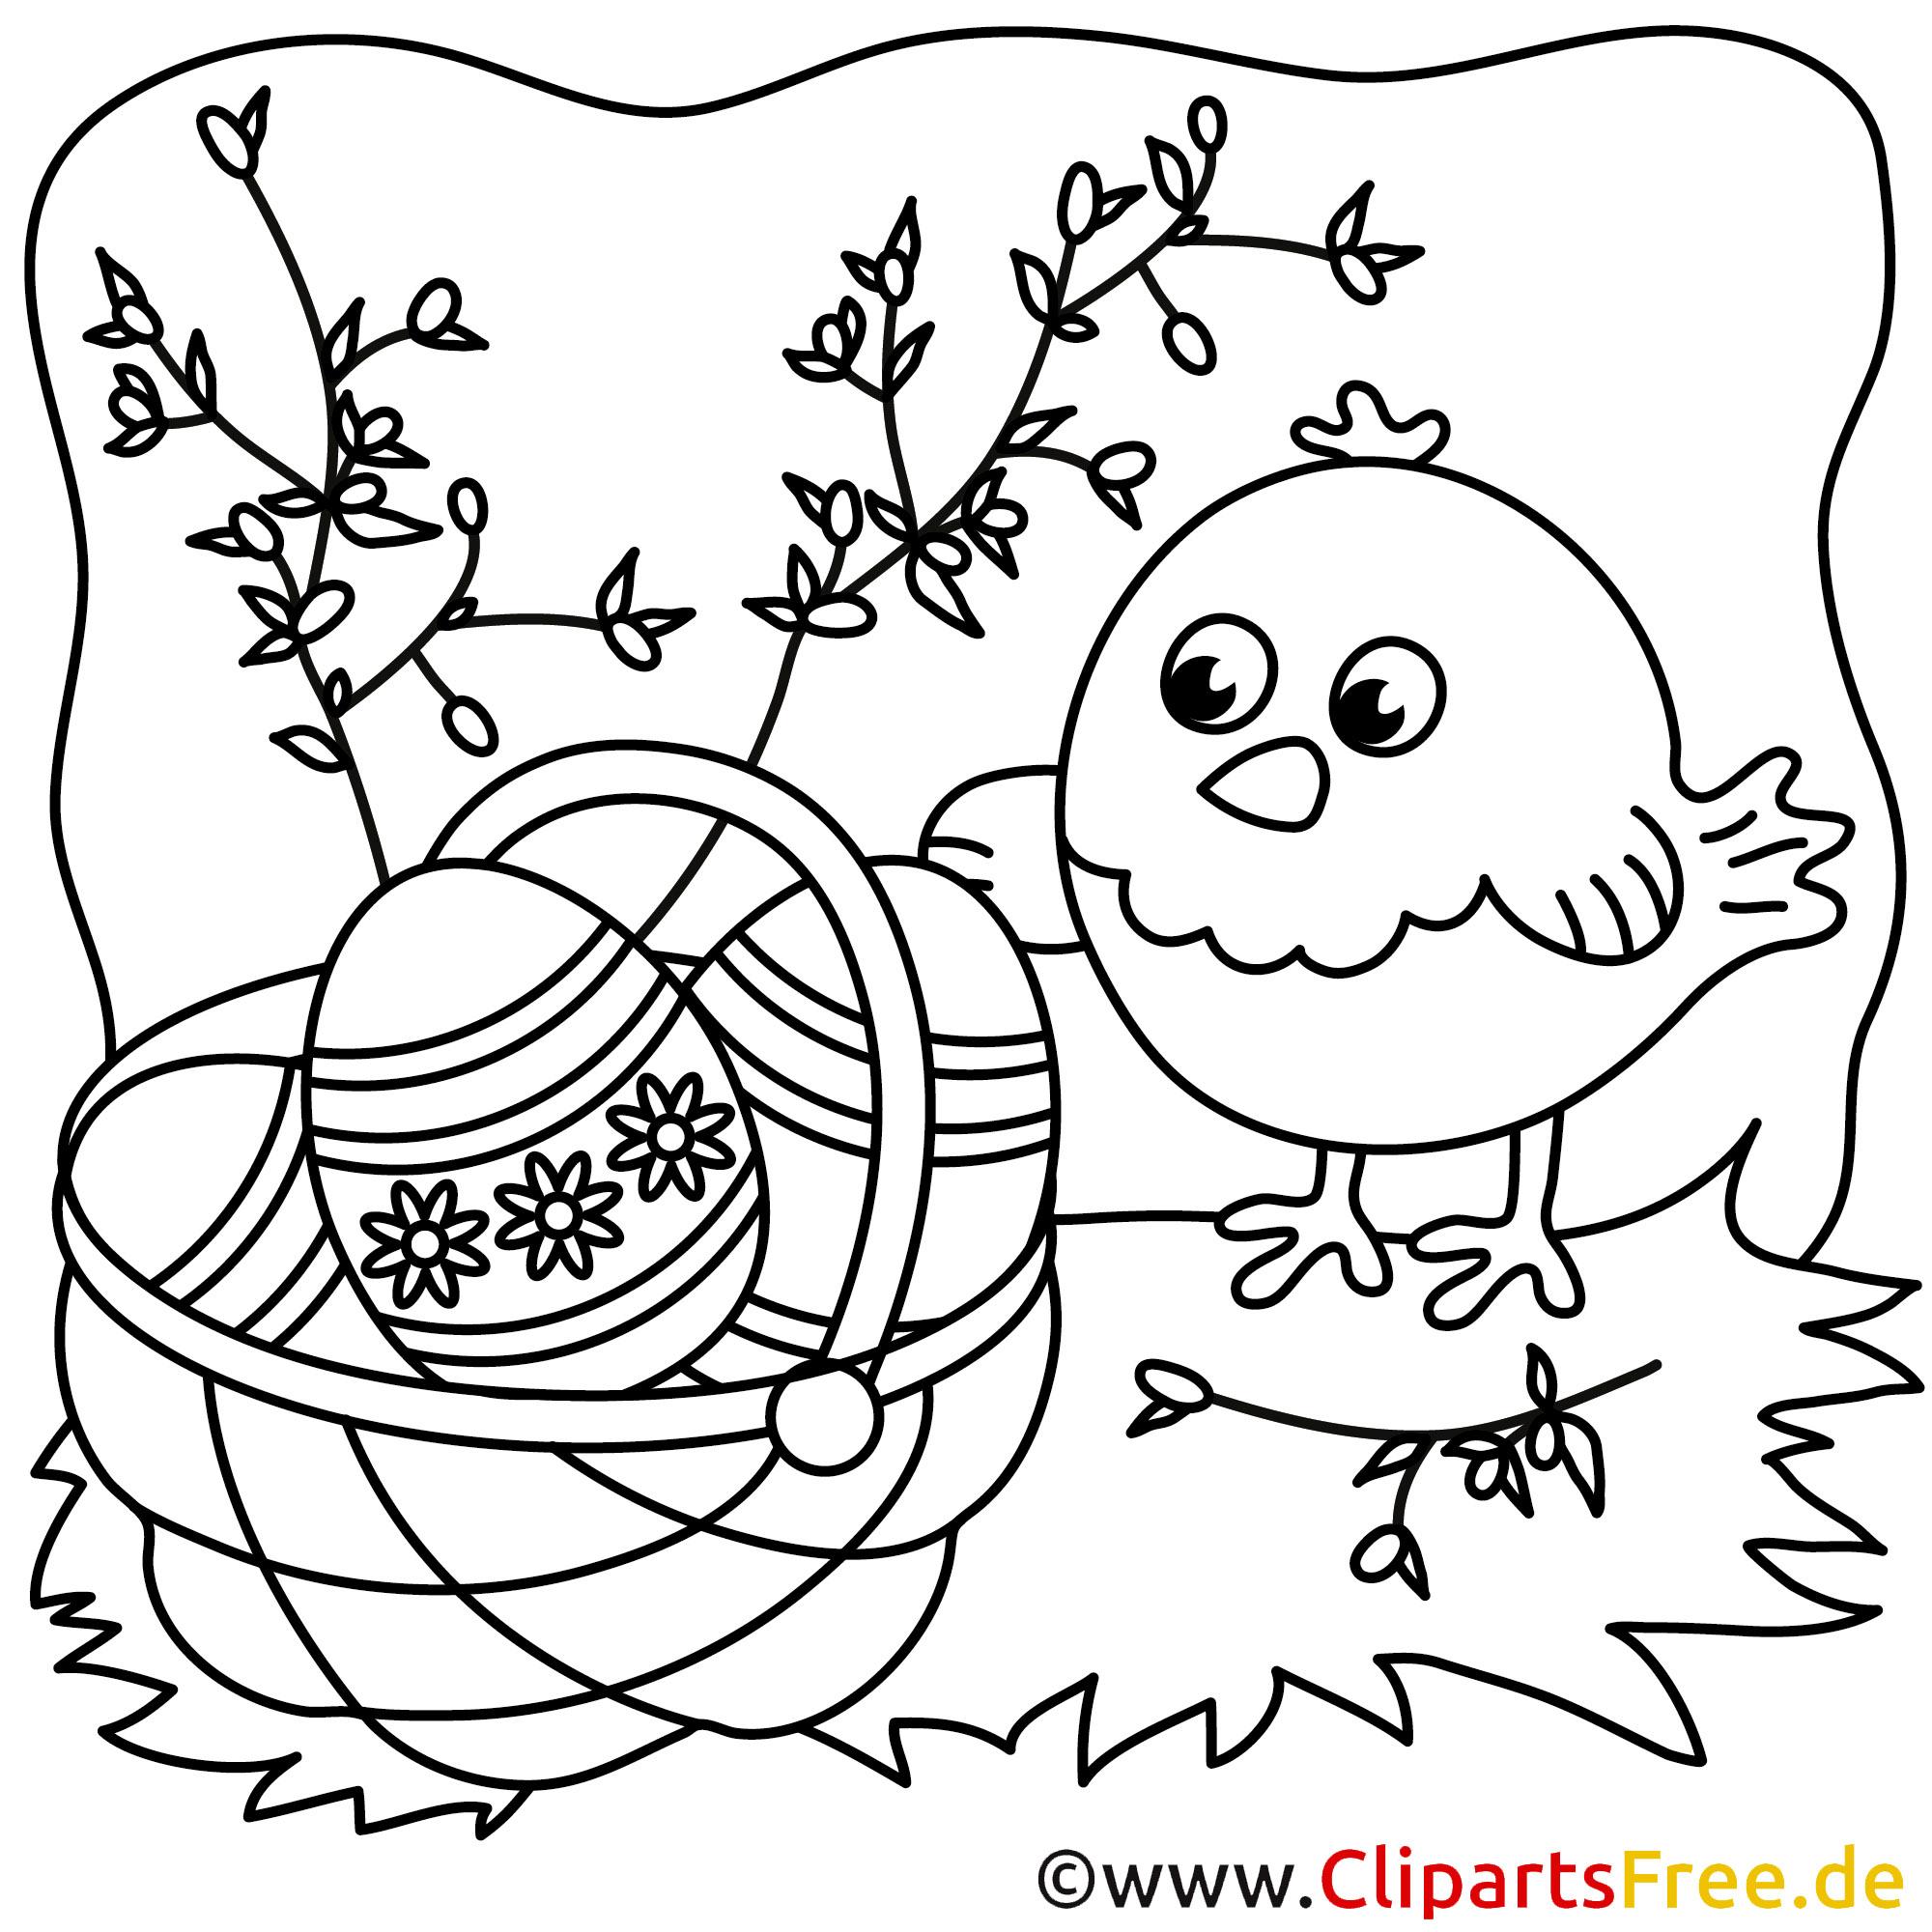 Ostern Malvorlage - Malen und Basteln im Fruehling